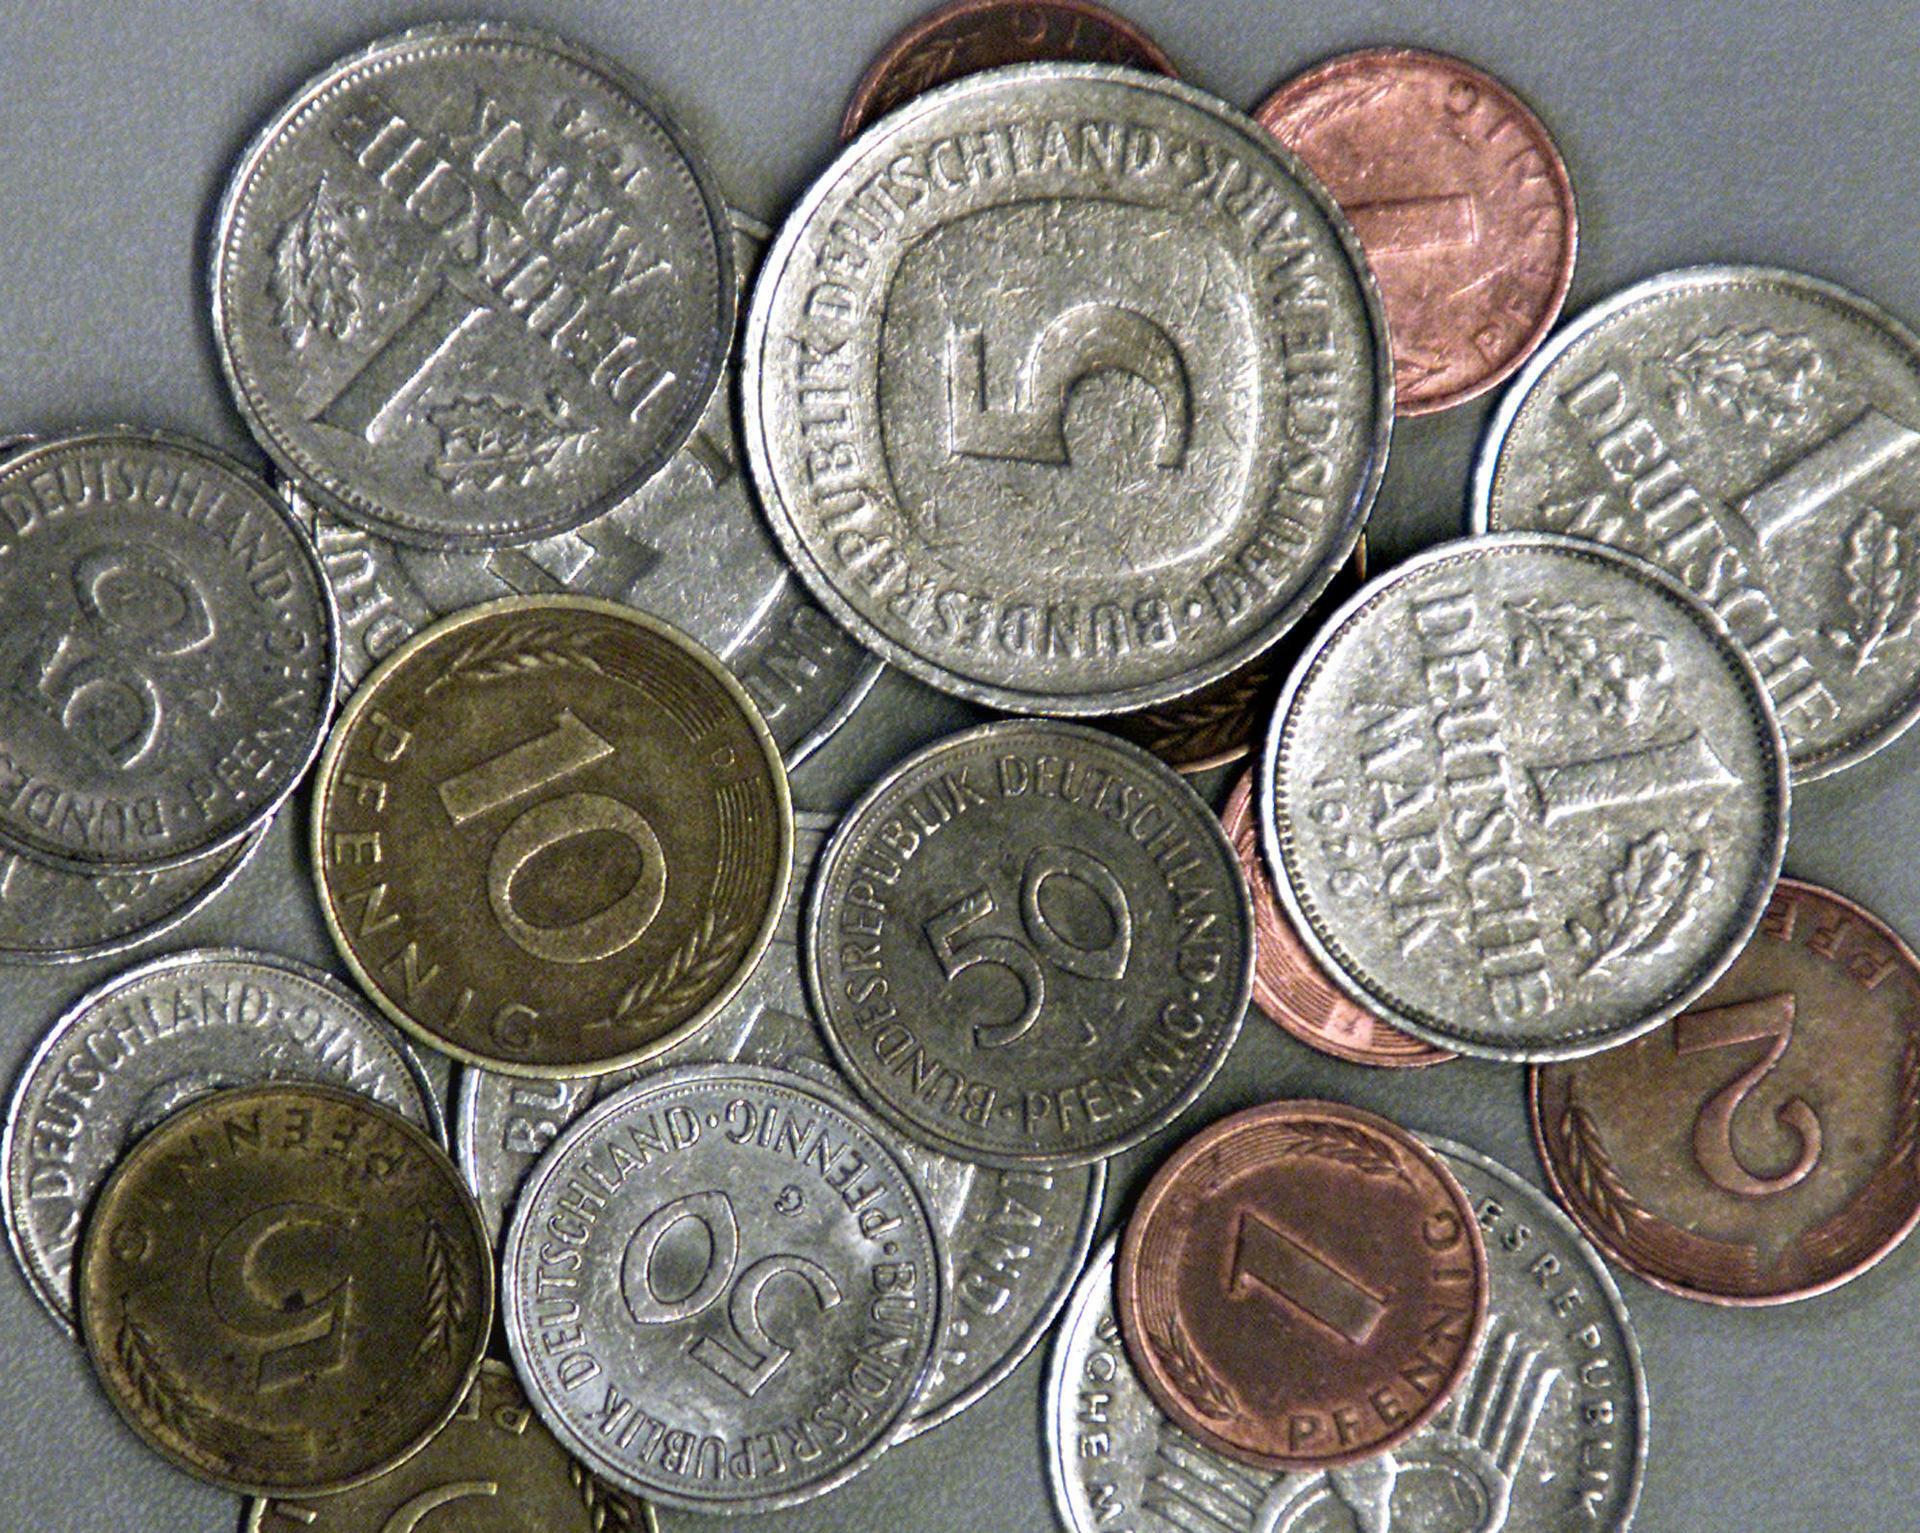 Bilanz Das Alte Geld Kann Weiterhin Gewechselt Werden